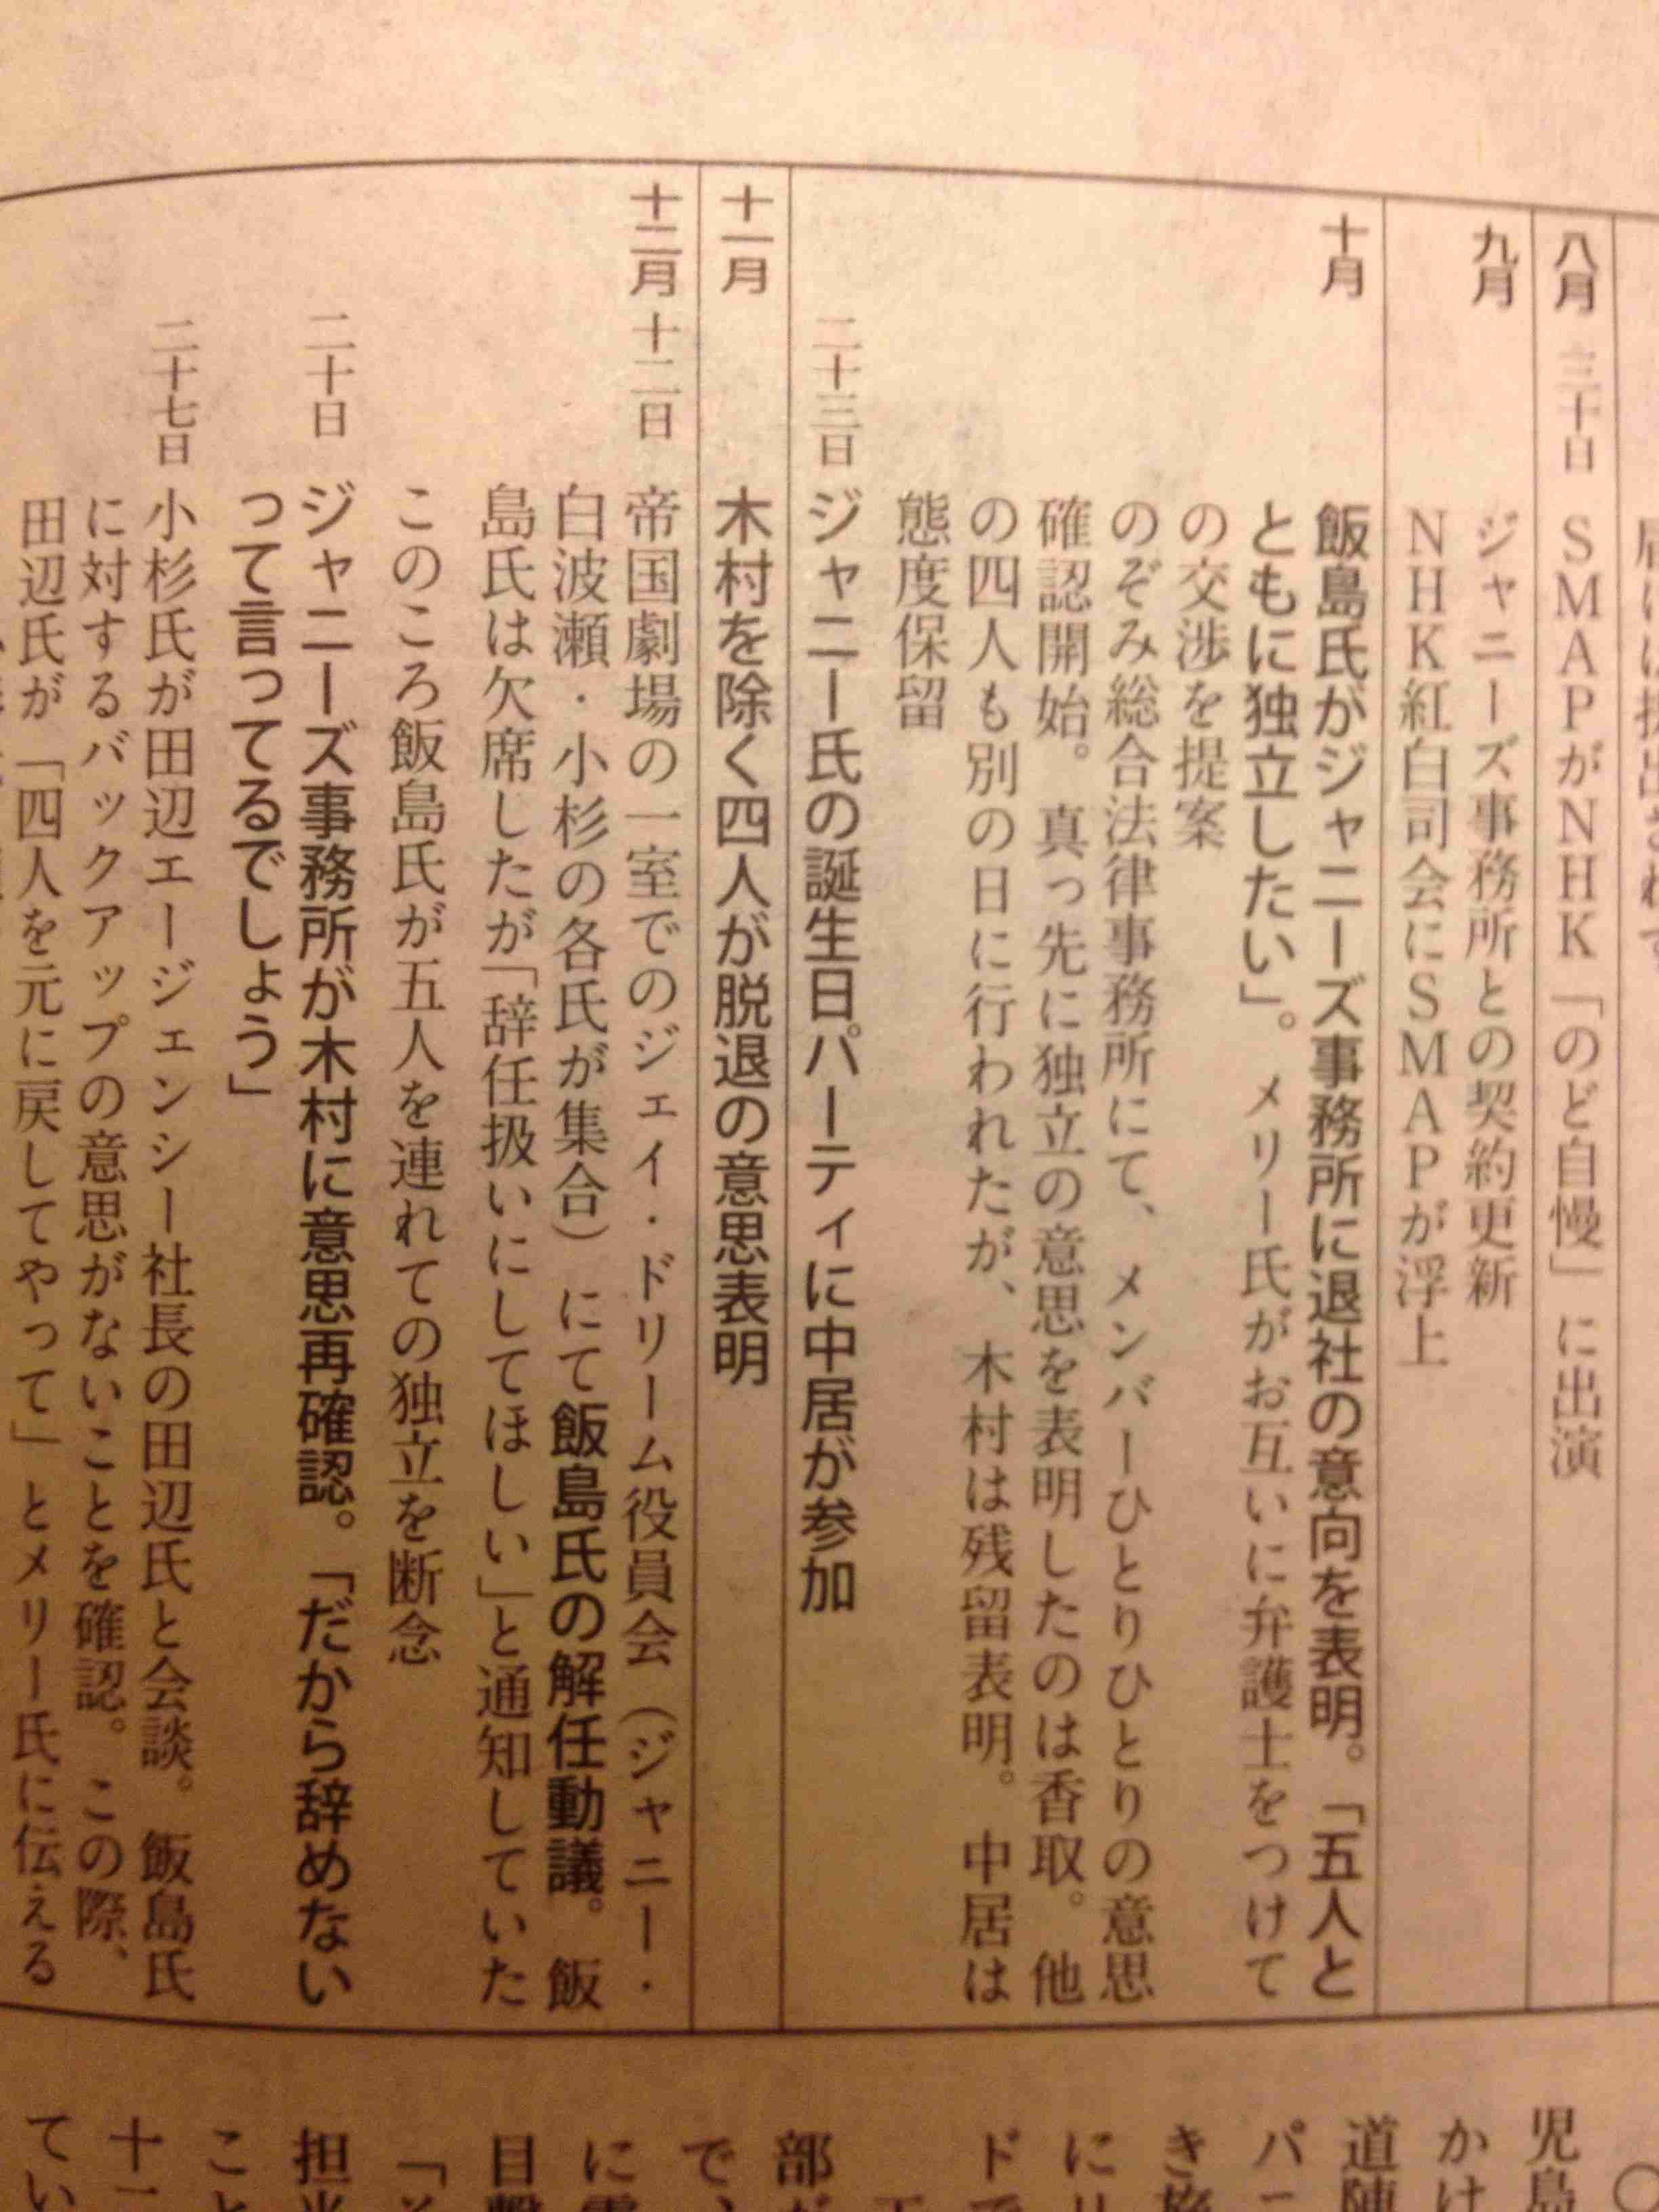 草なぎ剛、新企画が始動?稲垣吾郎&香取慎吾との2ショットも公開